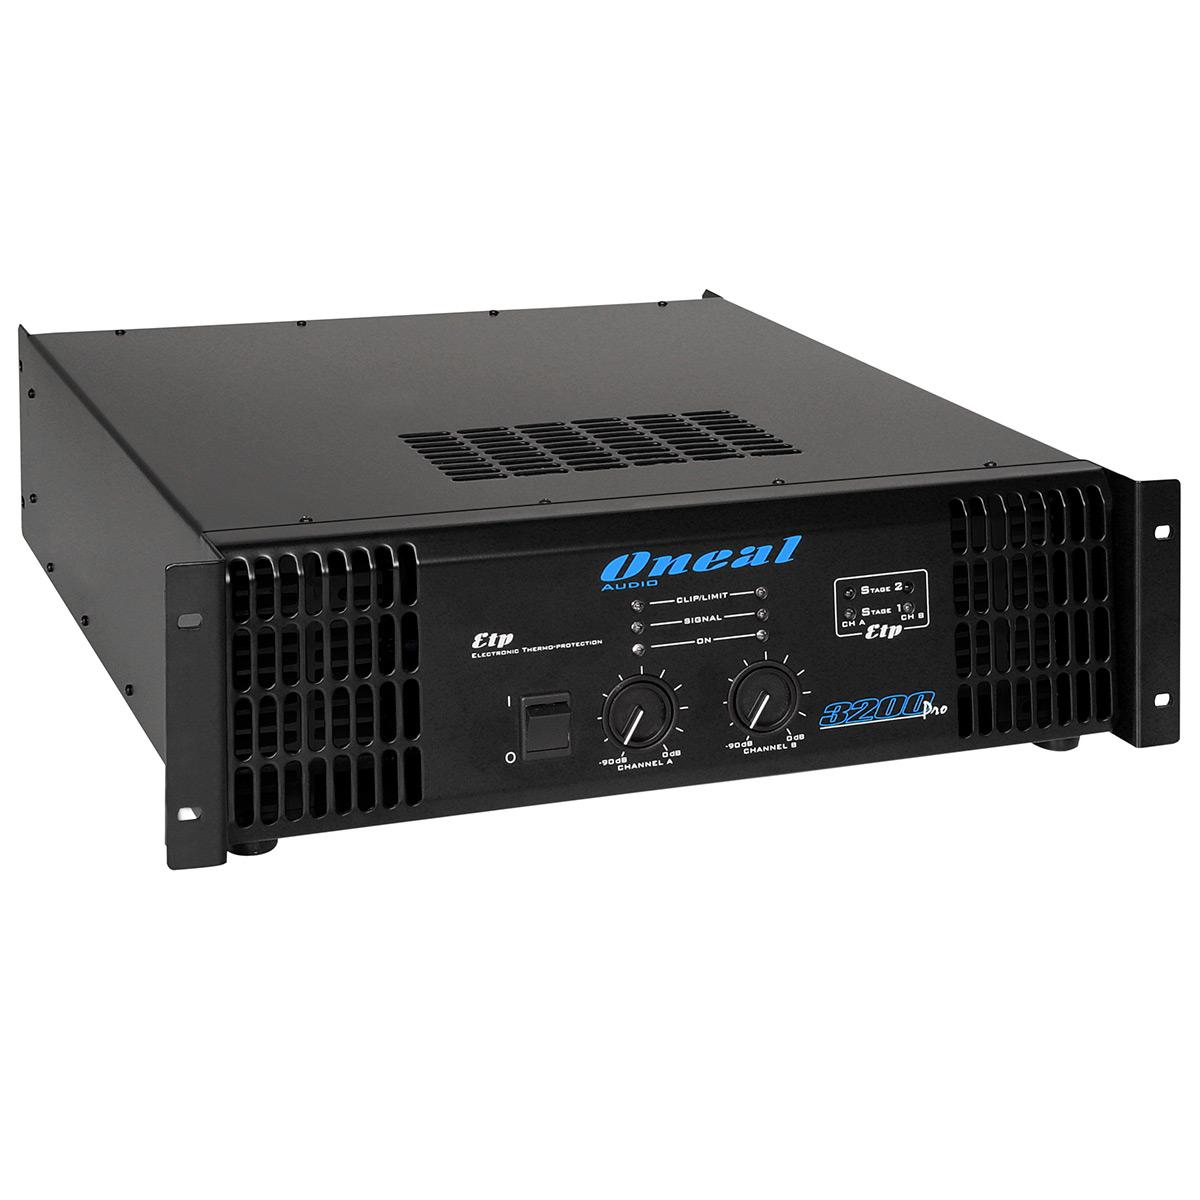 3200PRO - Amplificador Est�reo 2 Canais 3200W 3200 PRO - Oneal